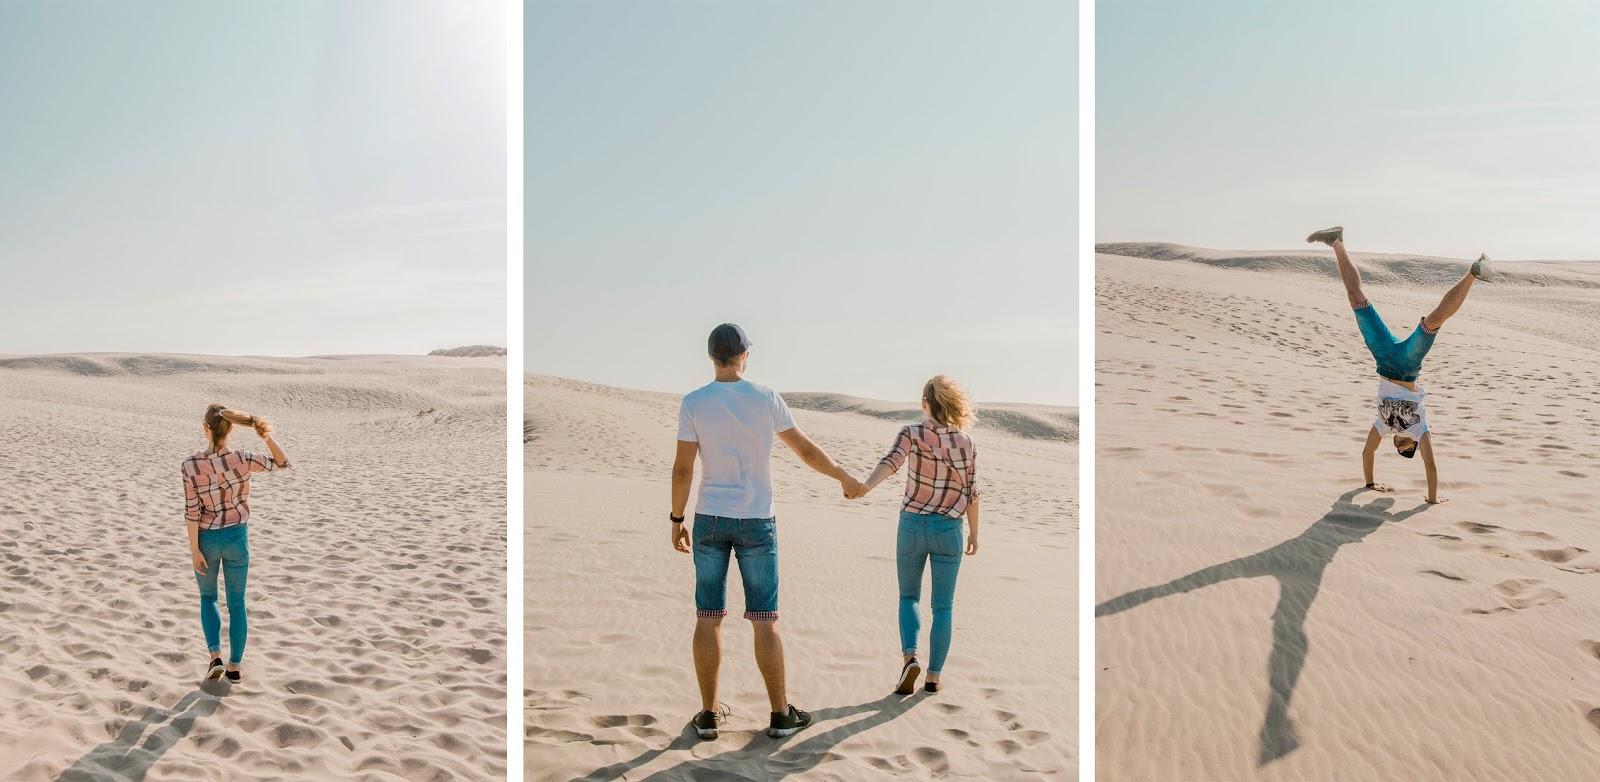 dania, atrakcje, plaże w danii, pustynia w danii